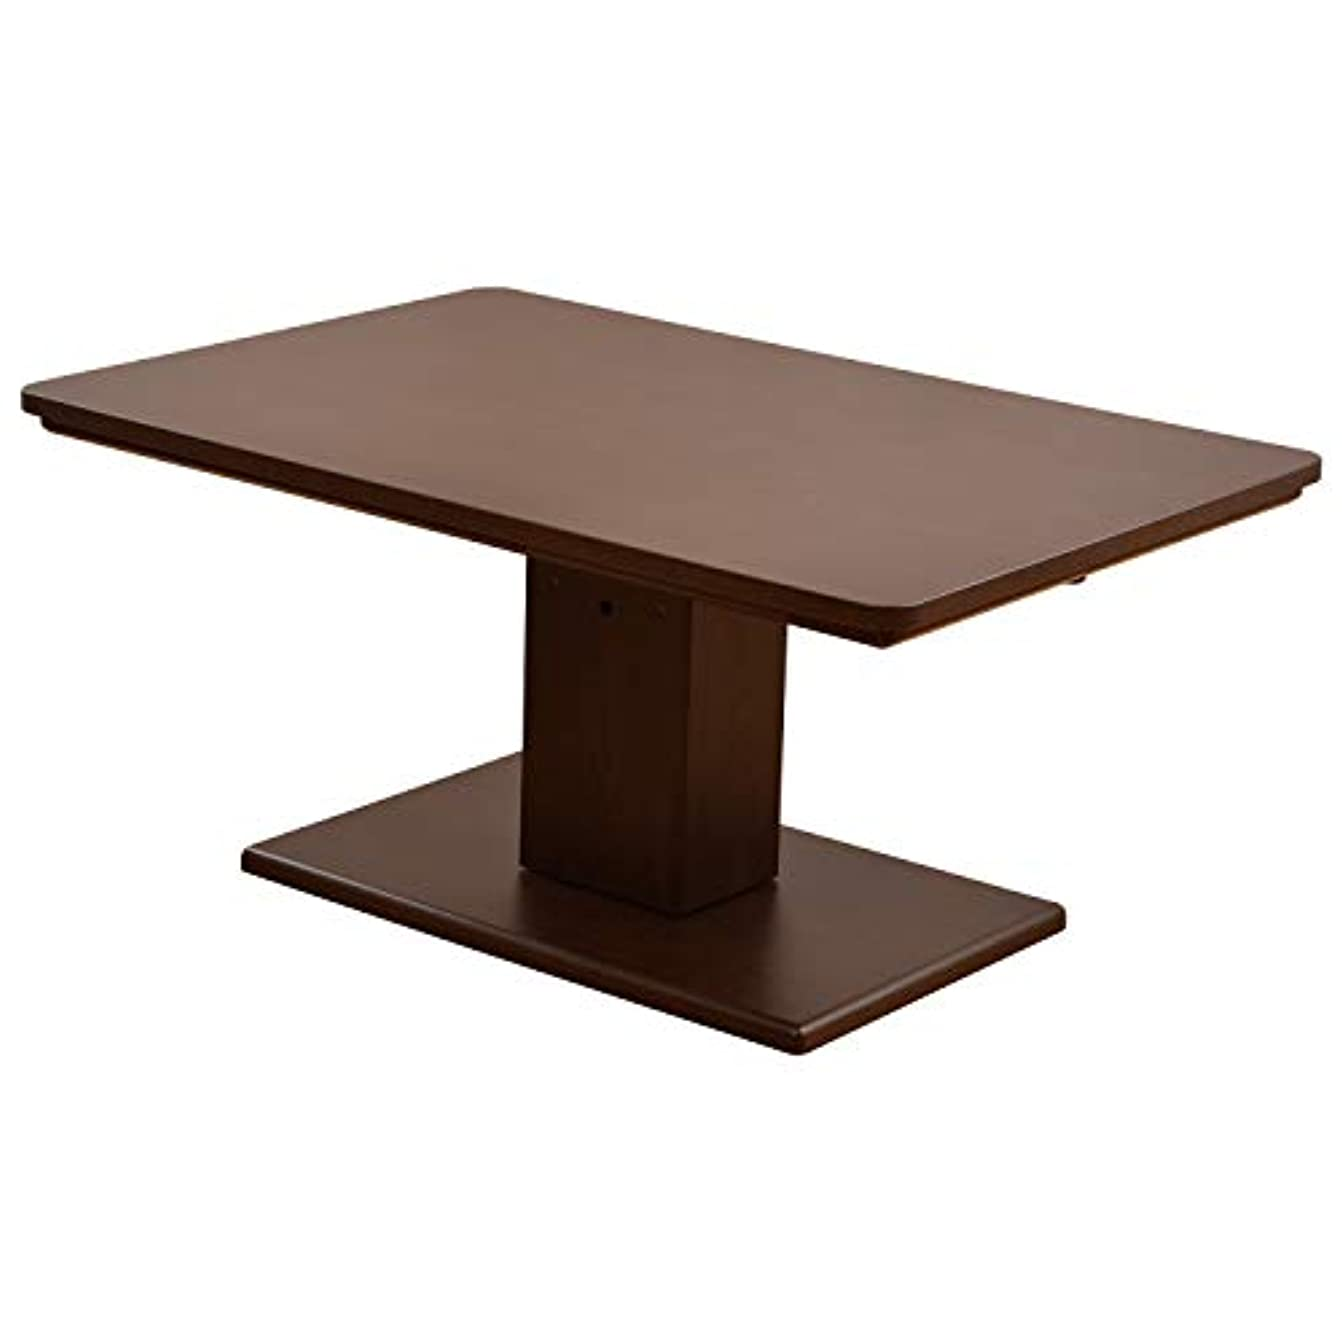 明らかにする多くの危険がある状況システム山善(YAMAZEN) 昇降式こたつテーブル (120×80cm 長方形) こたつ ダイニングこたつ JLTK-HD1280